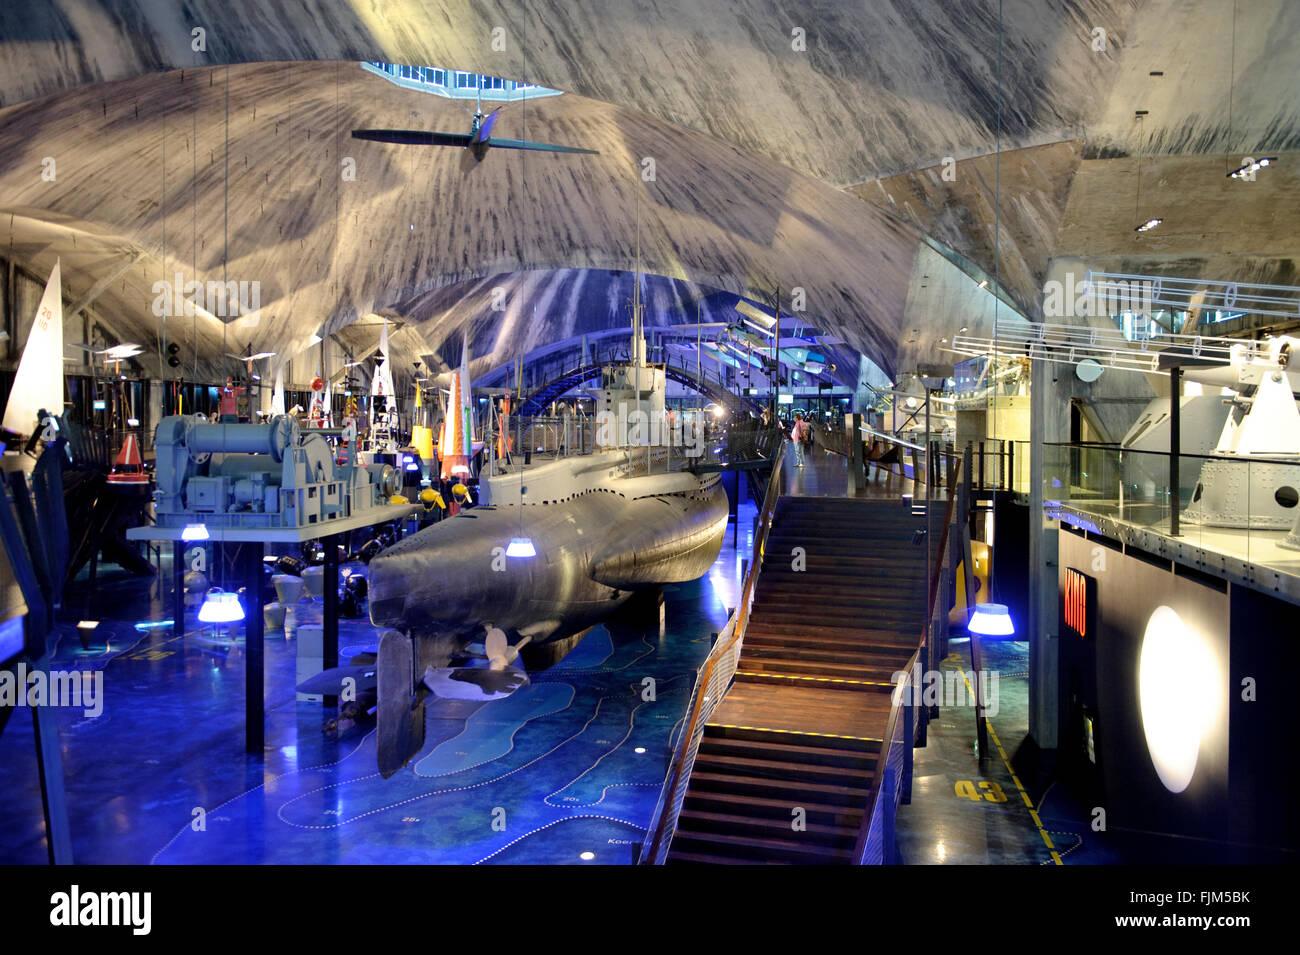 Géographie / billet, l'Estonie, Tallinn, museum / musées, musée maritime, vue de l'intérieur, Photo Stock